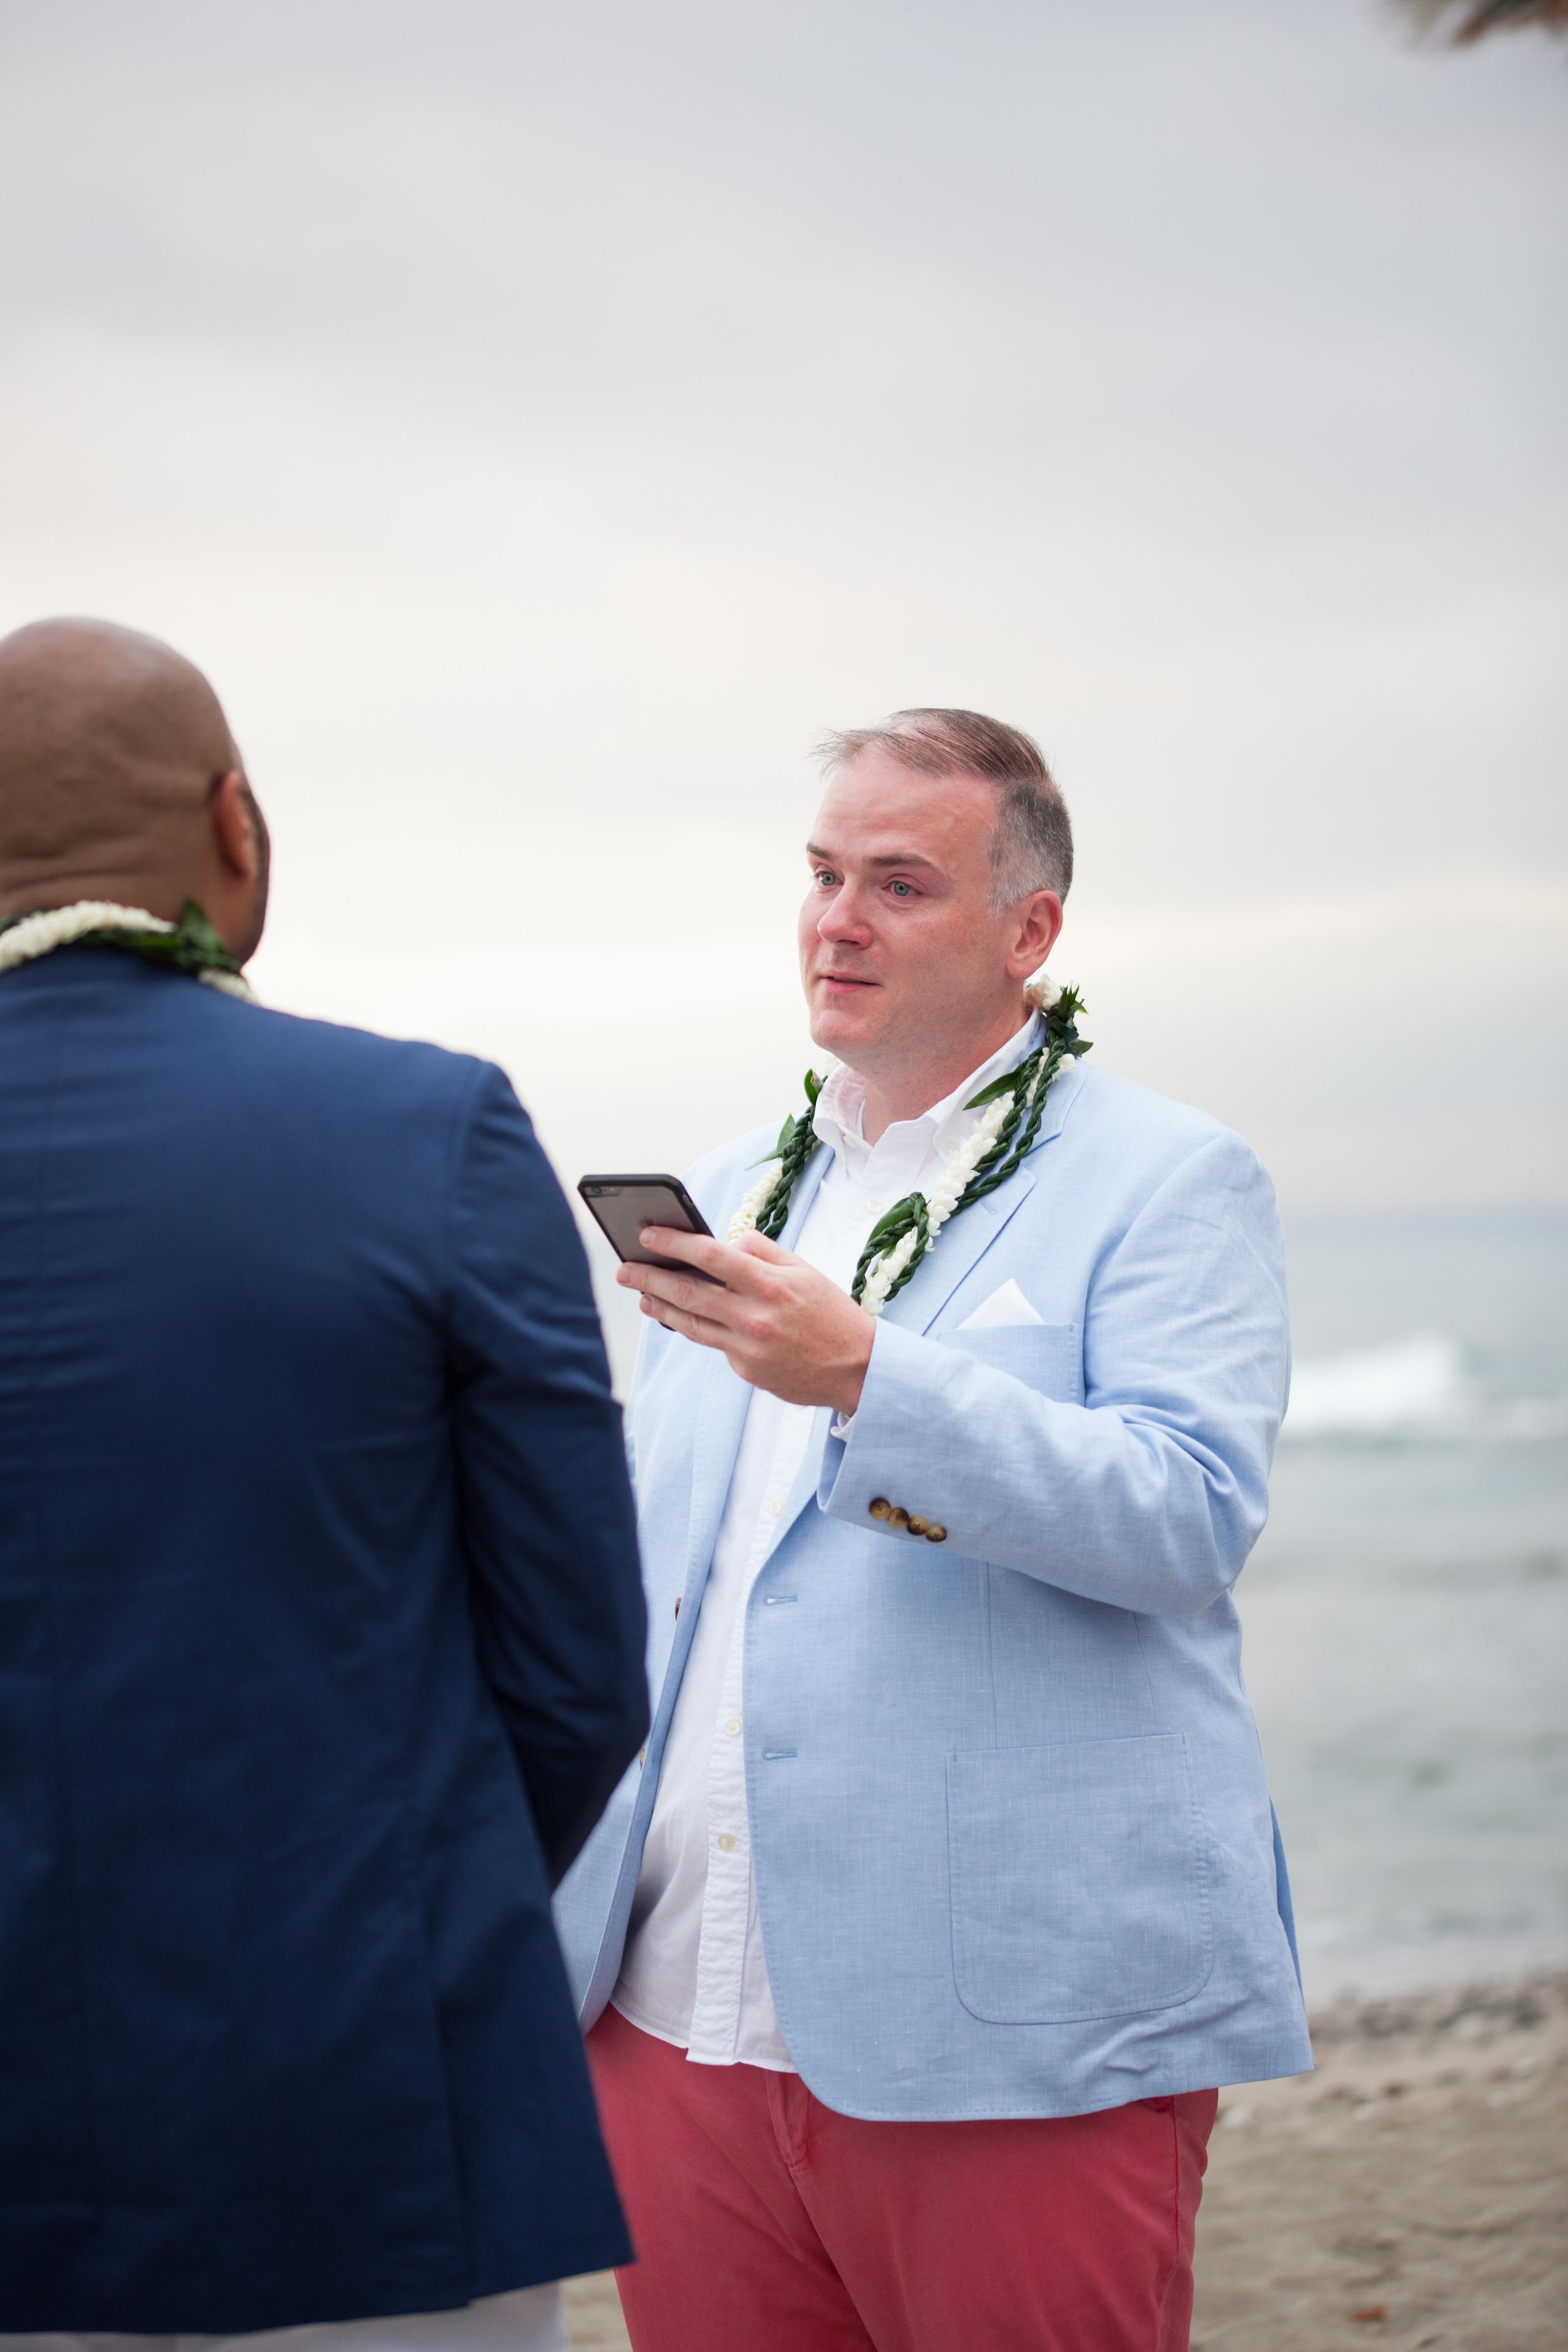 big island hawaii rmauna lani beach wedding © kelilina photography 20160601183112-3.jpg